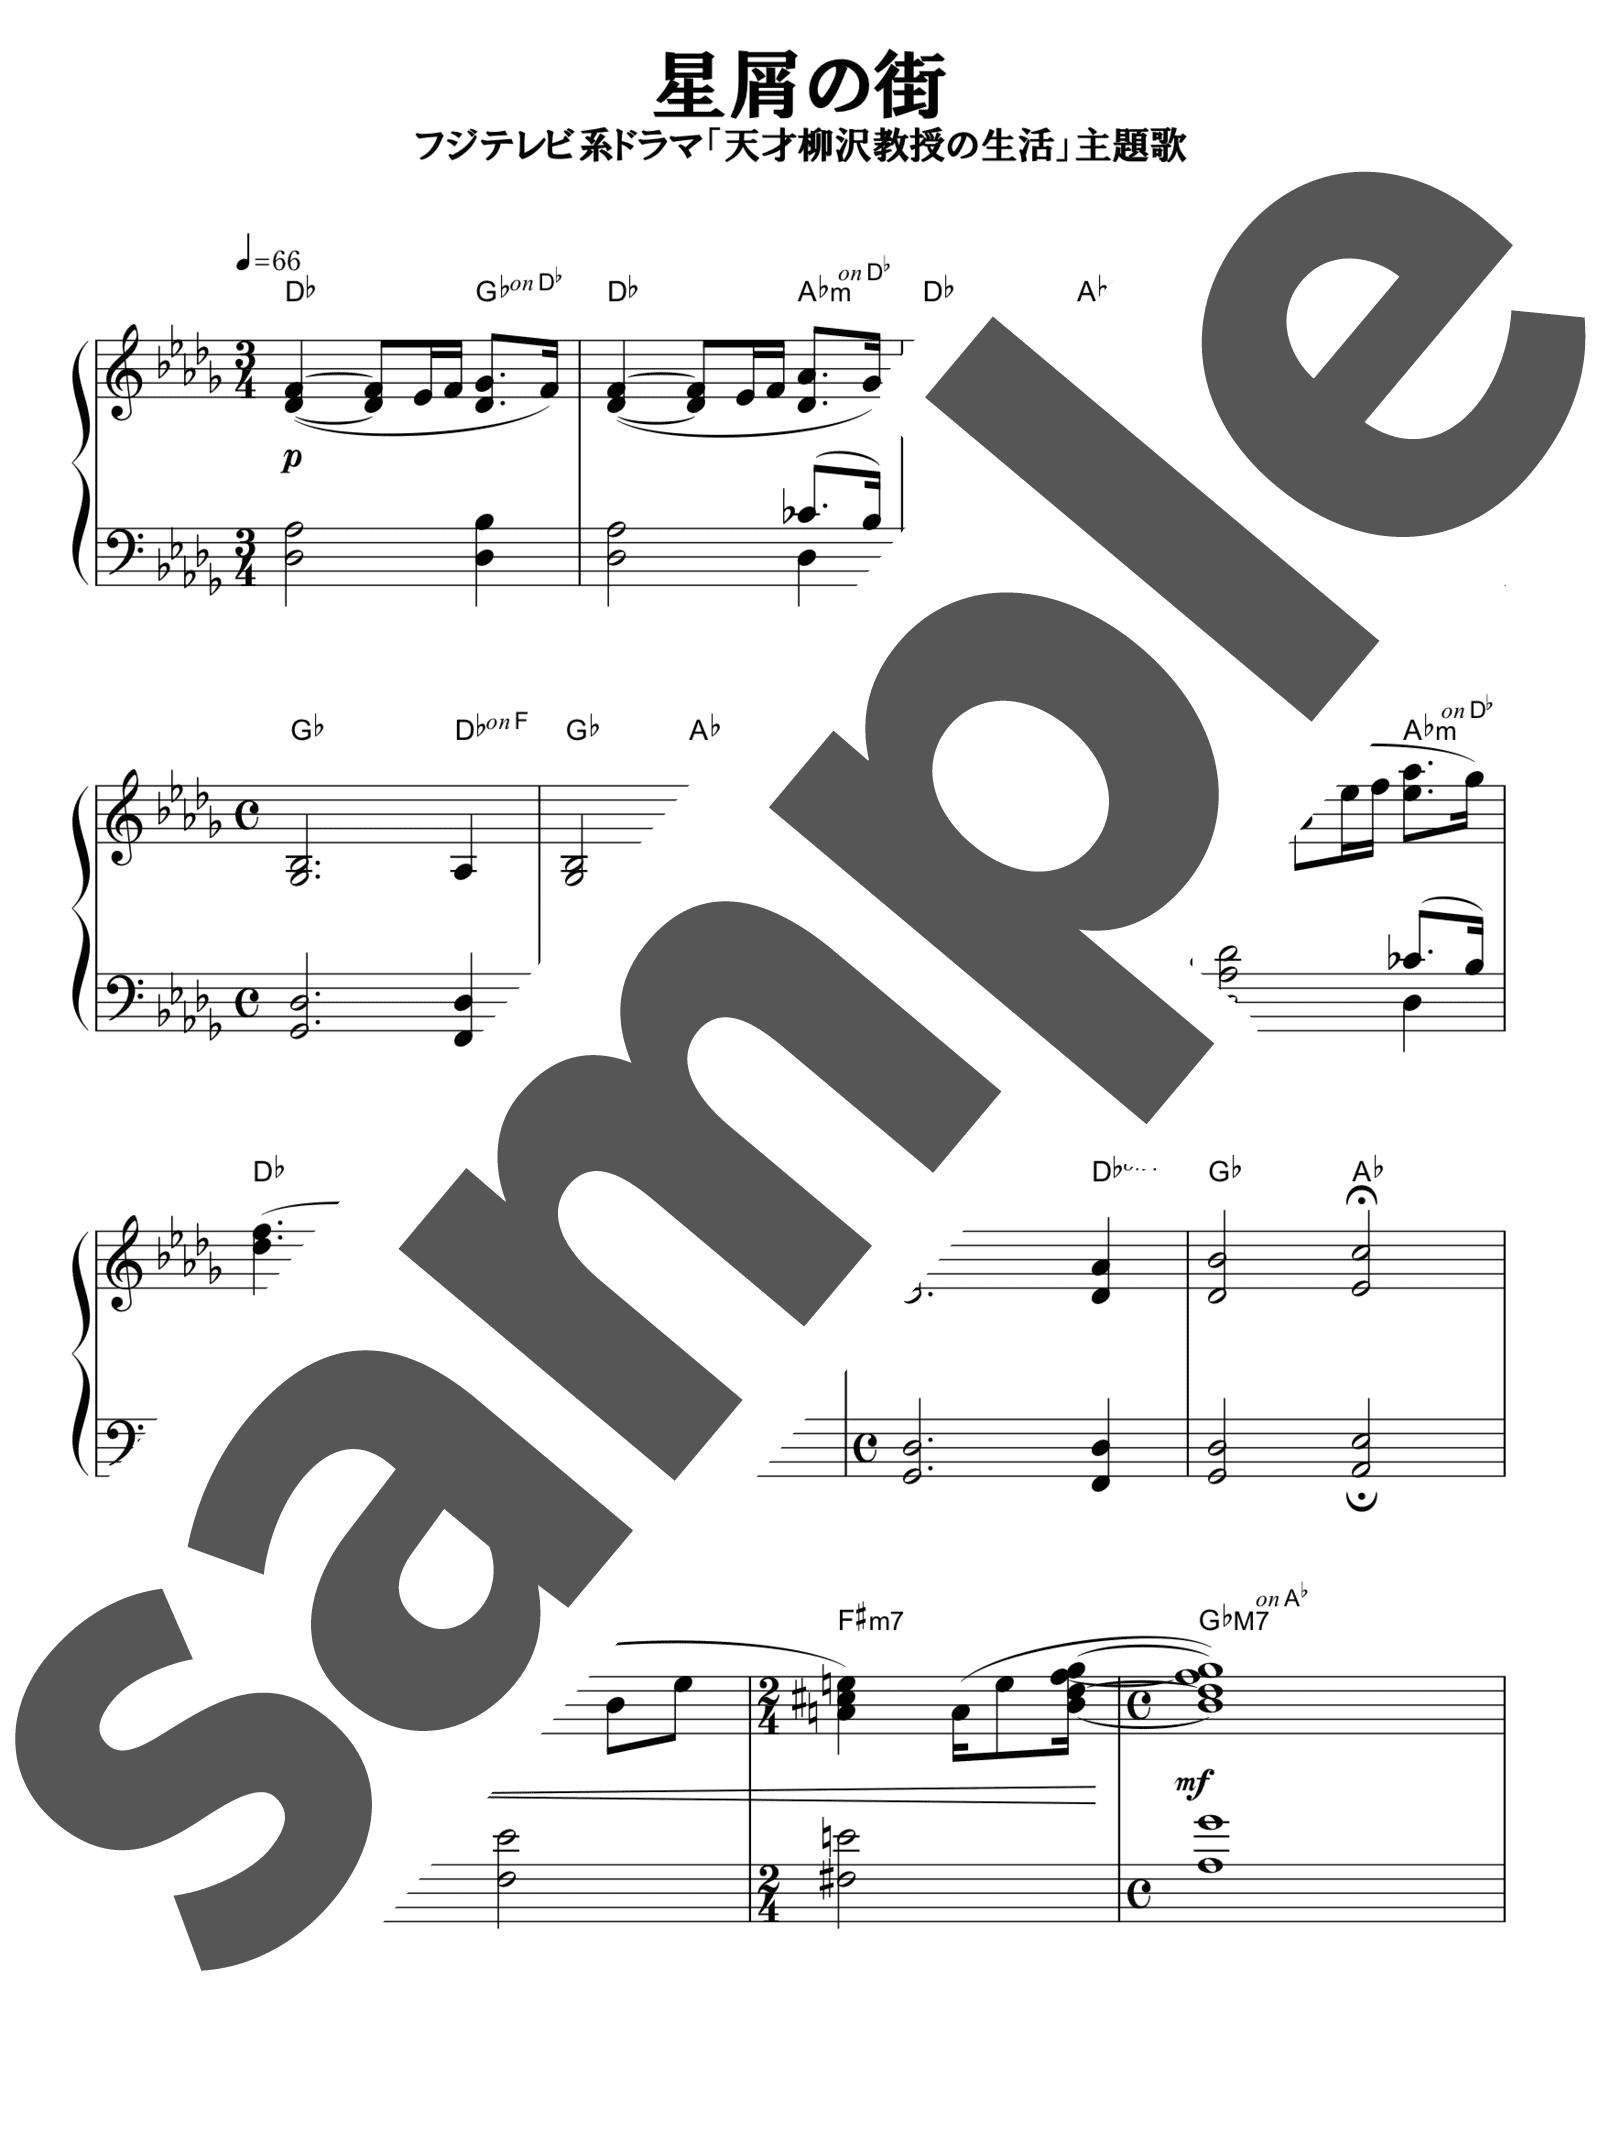 「星屑の街」のサンプル楽譜